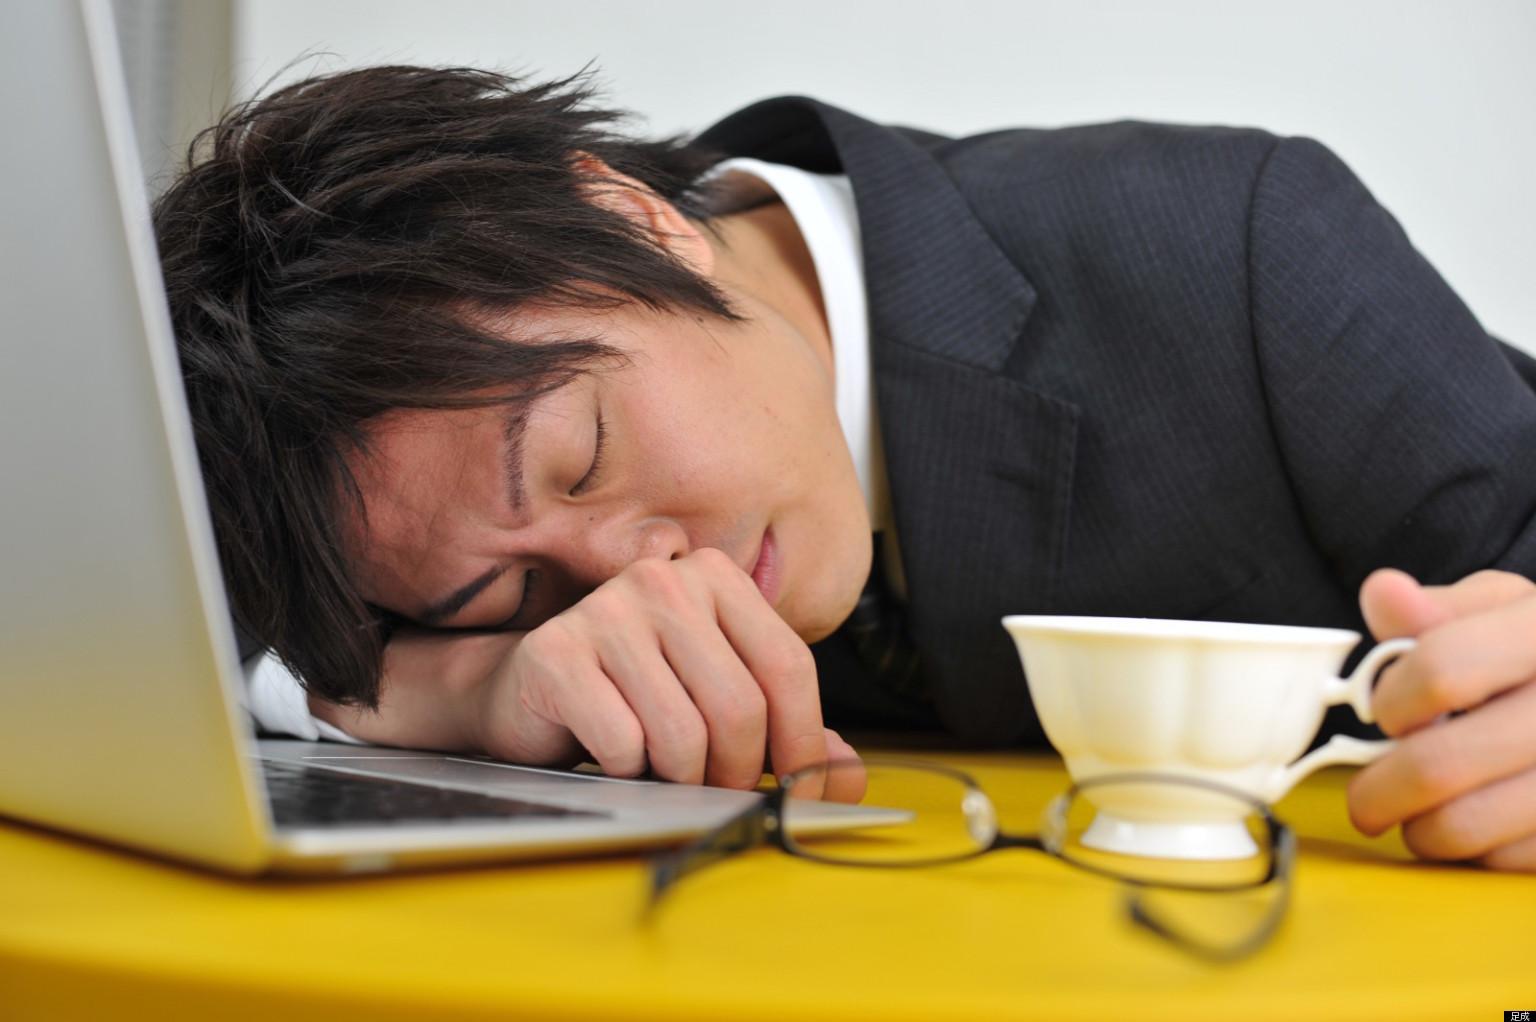 繁忙期100時間の残業特例が意味不明!過労死を増やすつもりか!?